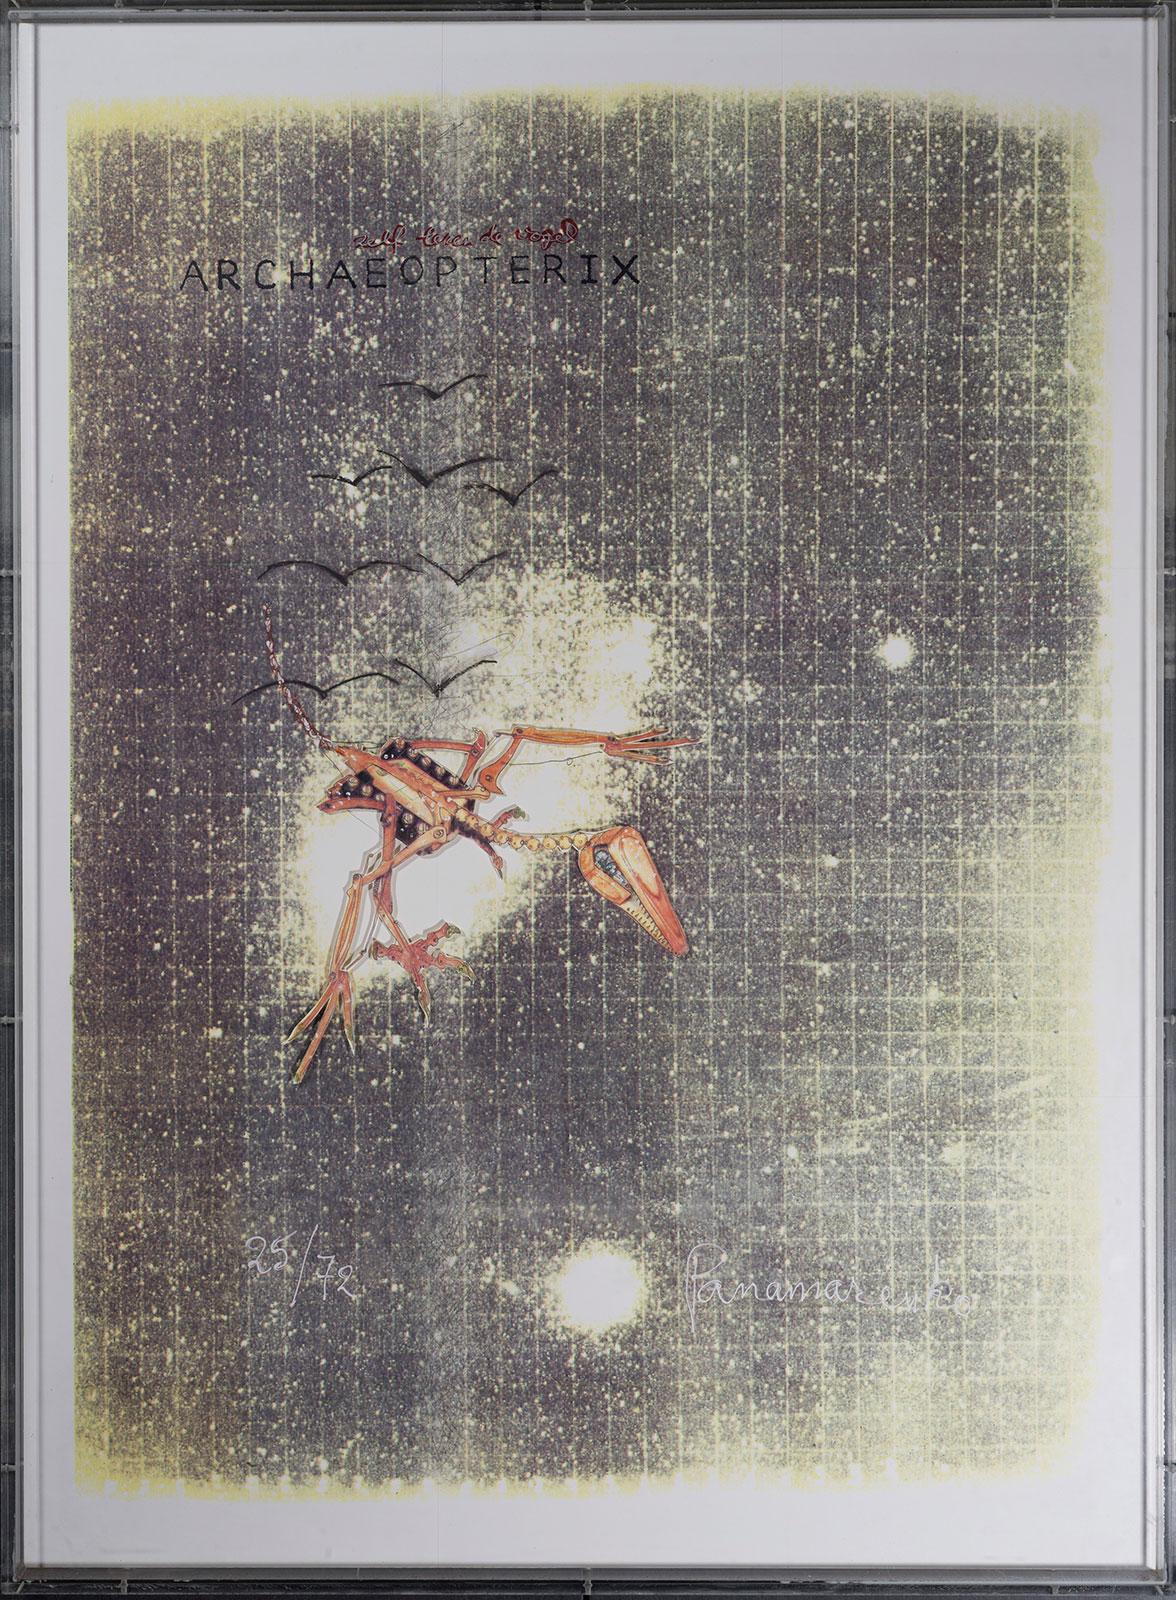 Panamarenko | Zelf lerende vogel 1991